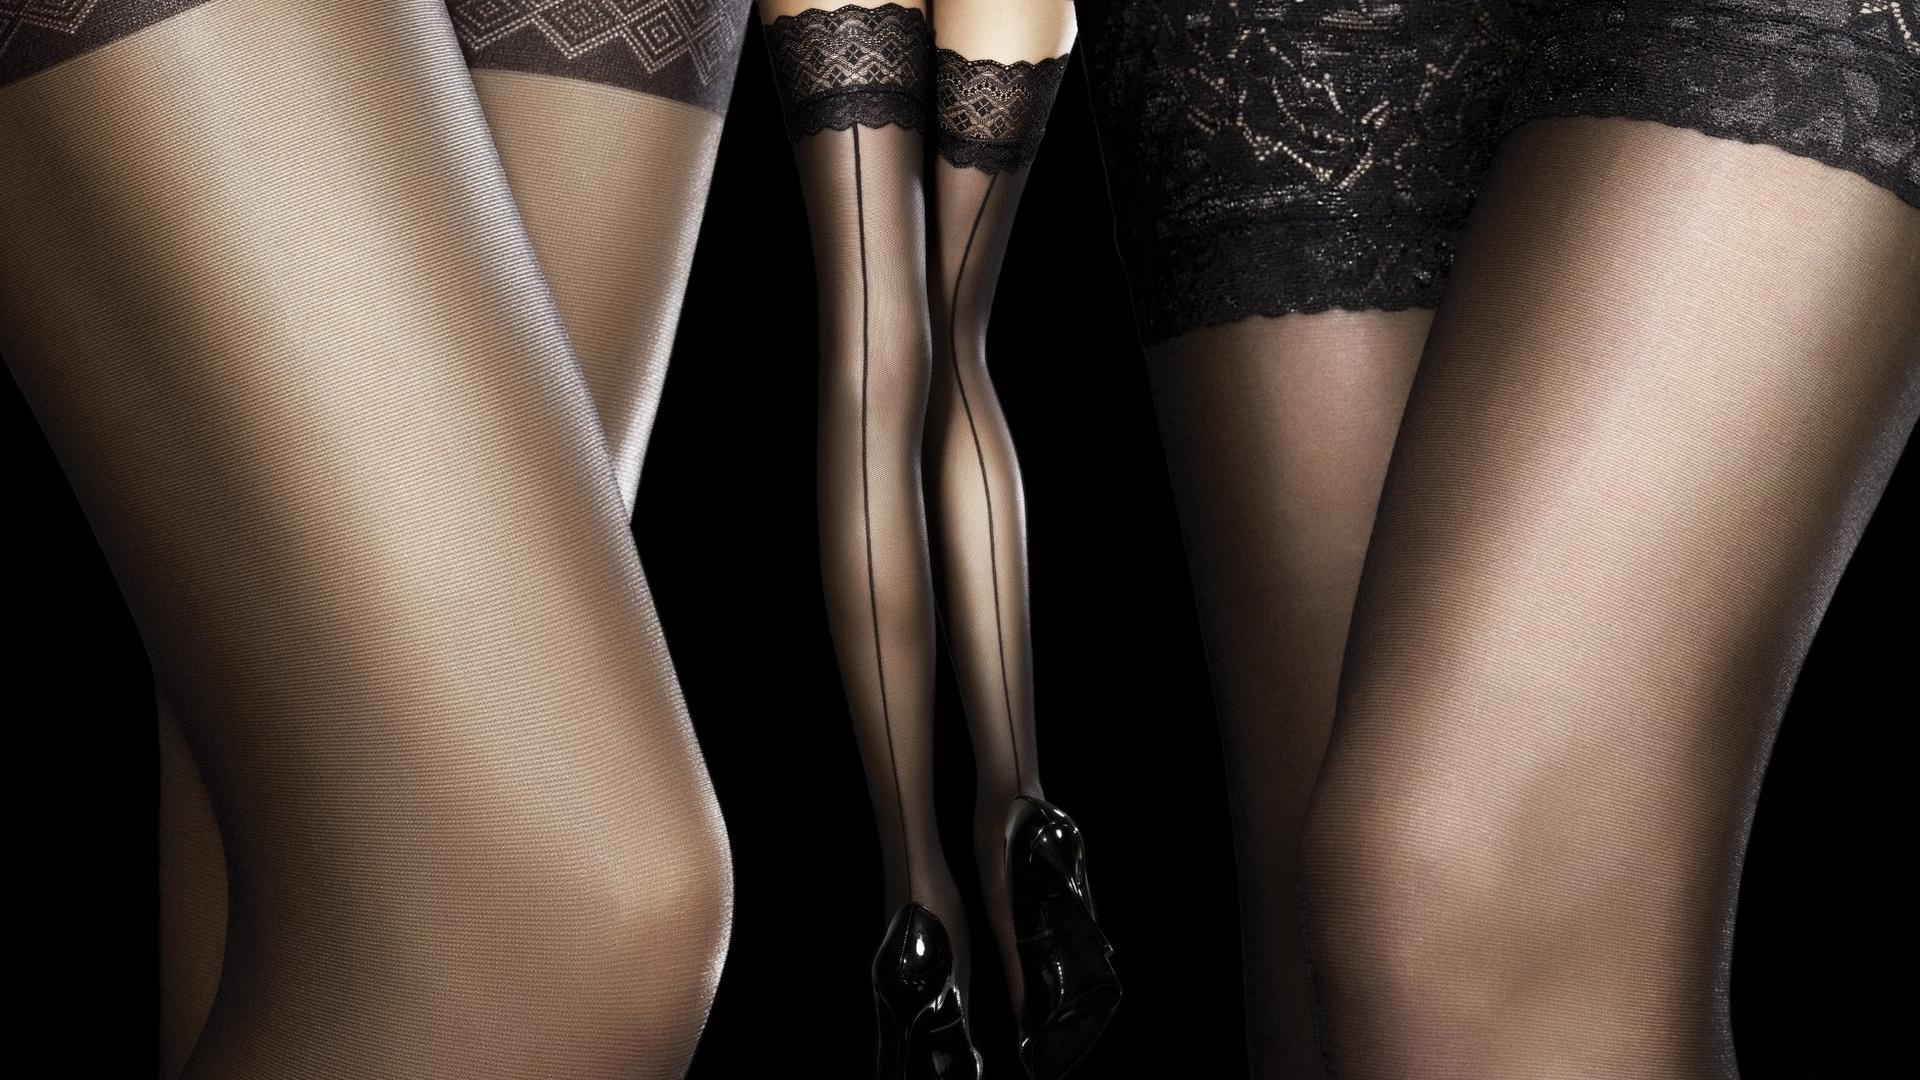 Ножки девушки фото женщин снимающей чулки русское порно